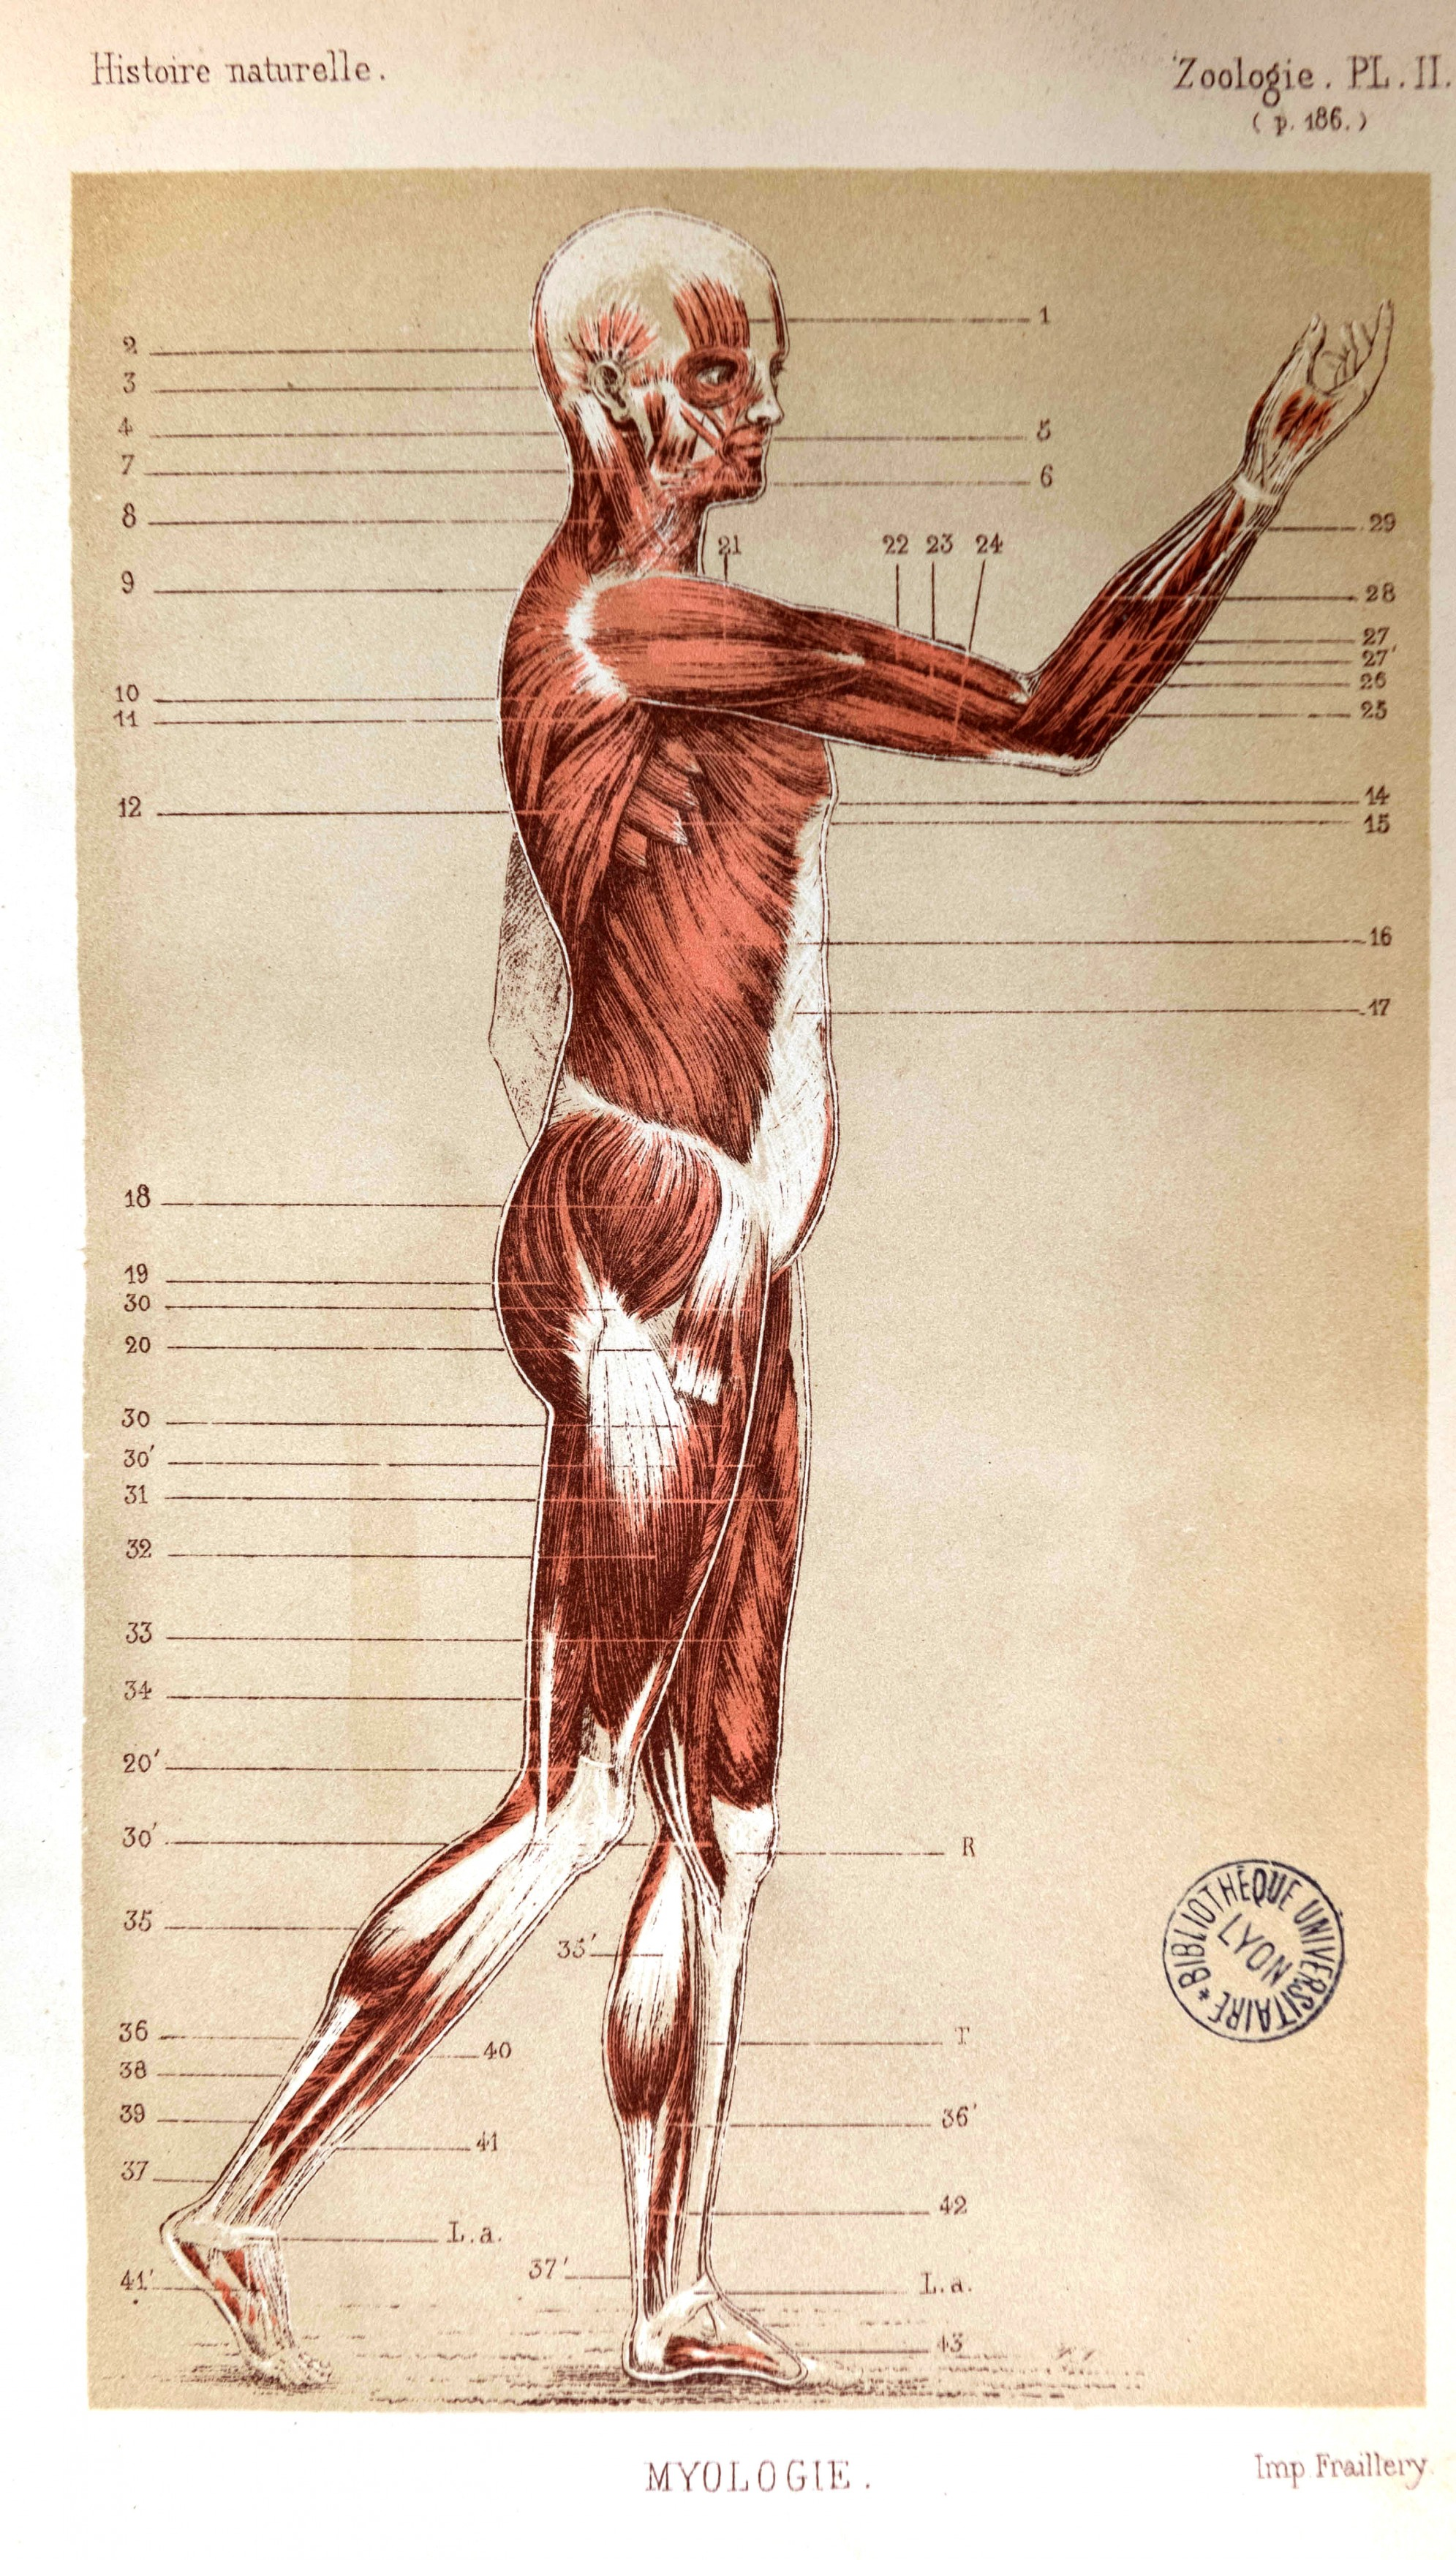 Paléontologie (12)